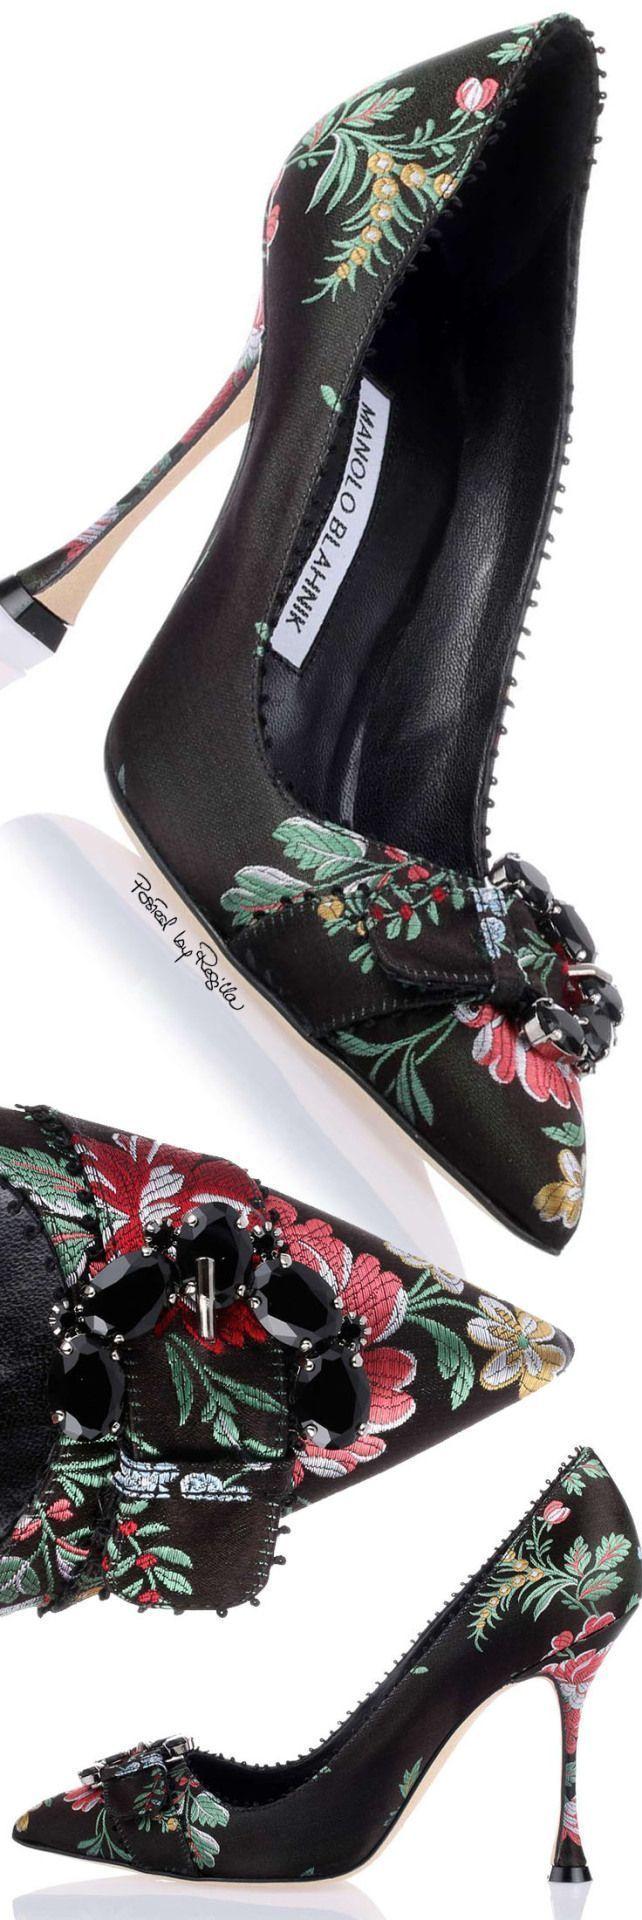 Manolo Blahnik #manoloblahnikheelsfashion #manoloblahnikheelsbeautiful #manoloblahnik2017 #zapatos